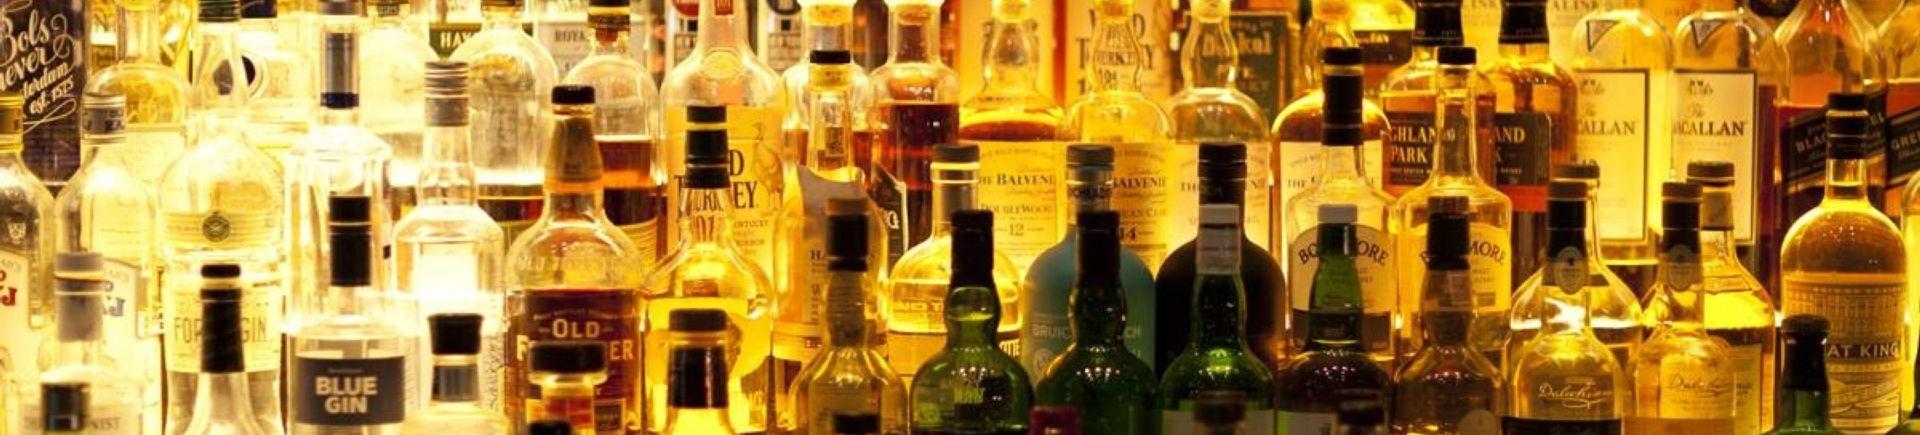 Alcoholic bottles